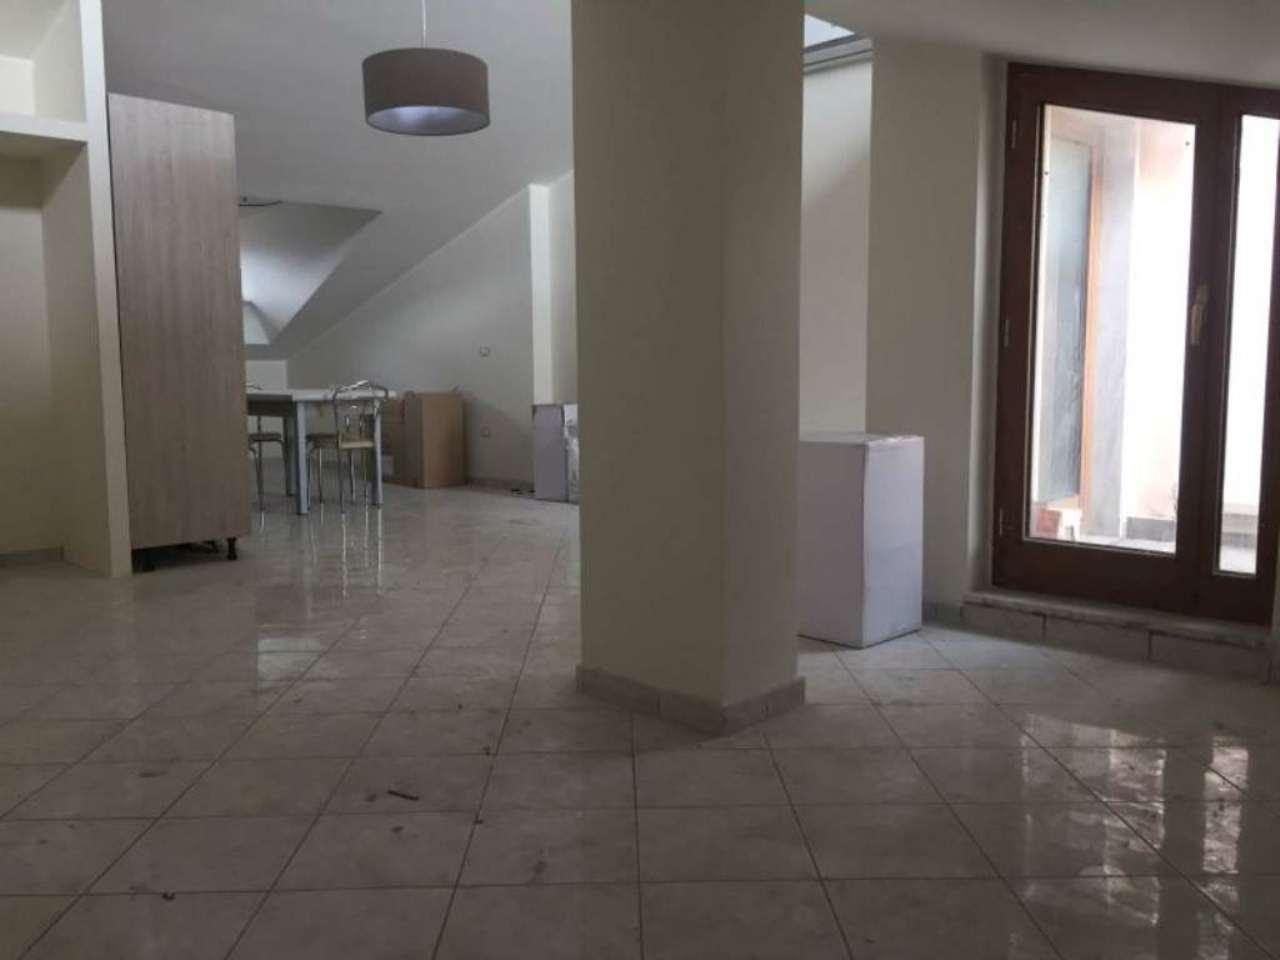 Attico / Mansarda in affitto a Marigliano, 4 locali, prezzo € 450 | Cambio Casa.it